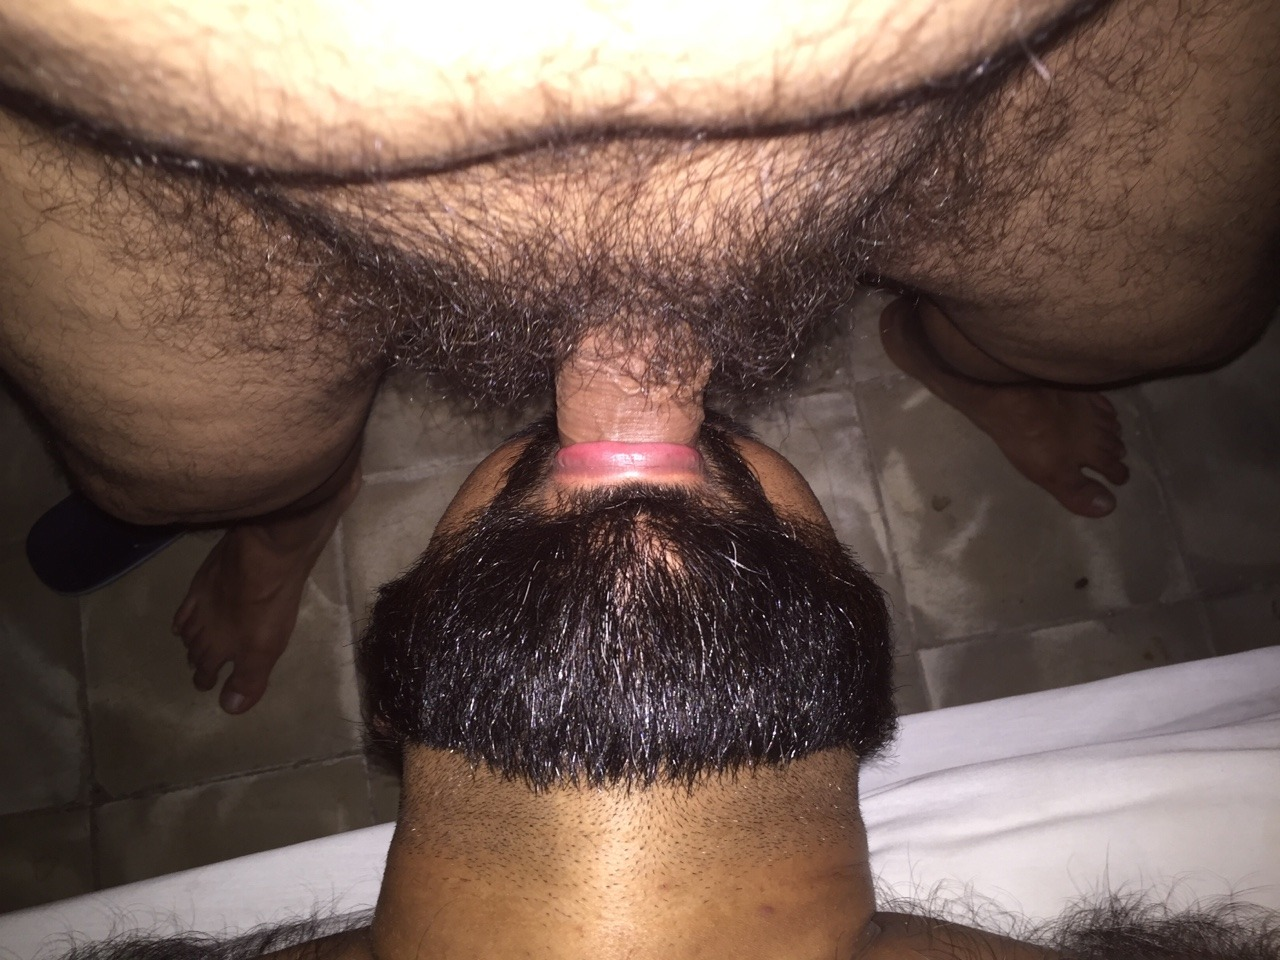 2019-01-17 19:59:39 - 130368604760 beardburnme http://www.neofic.com